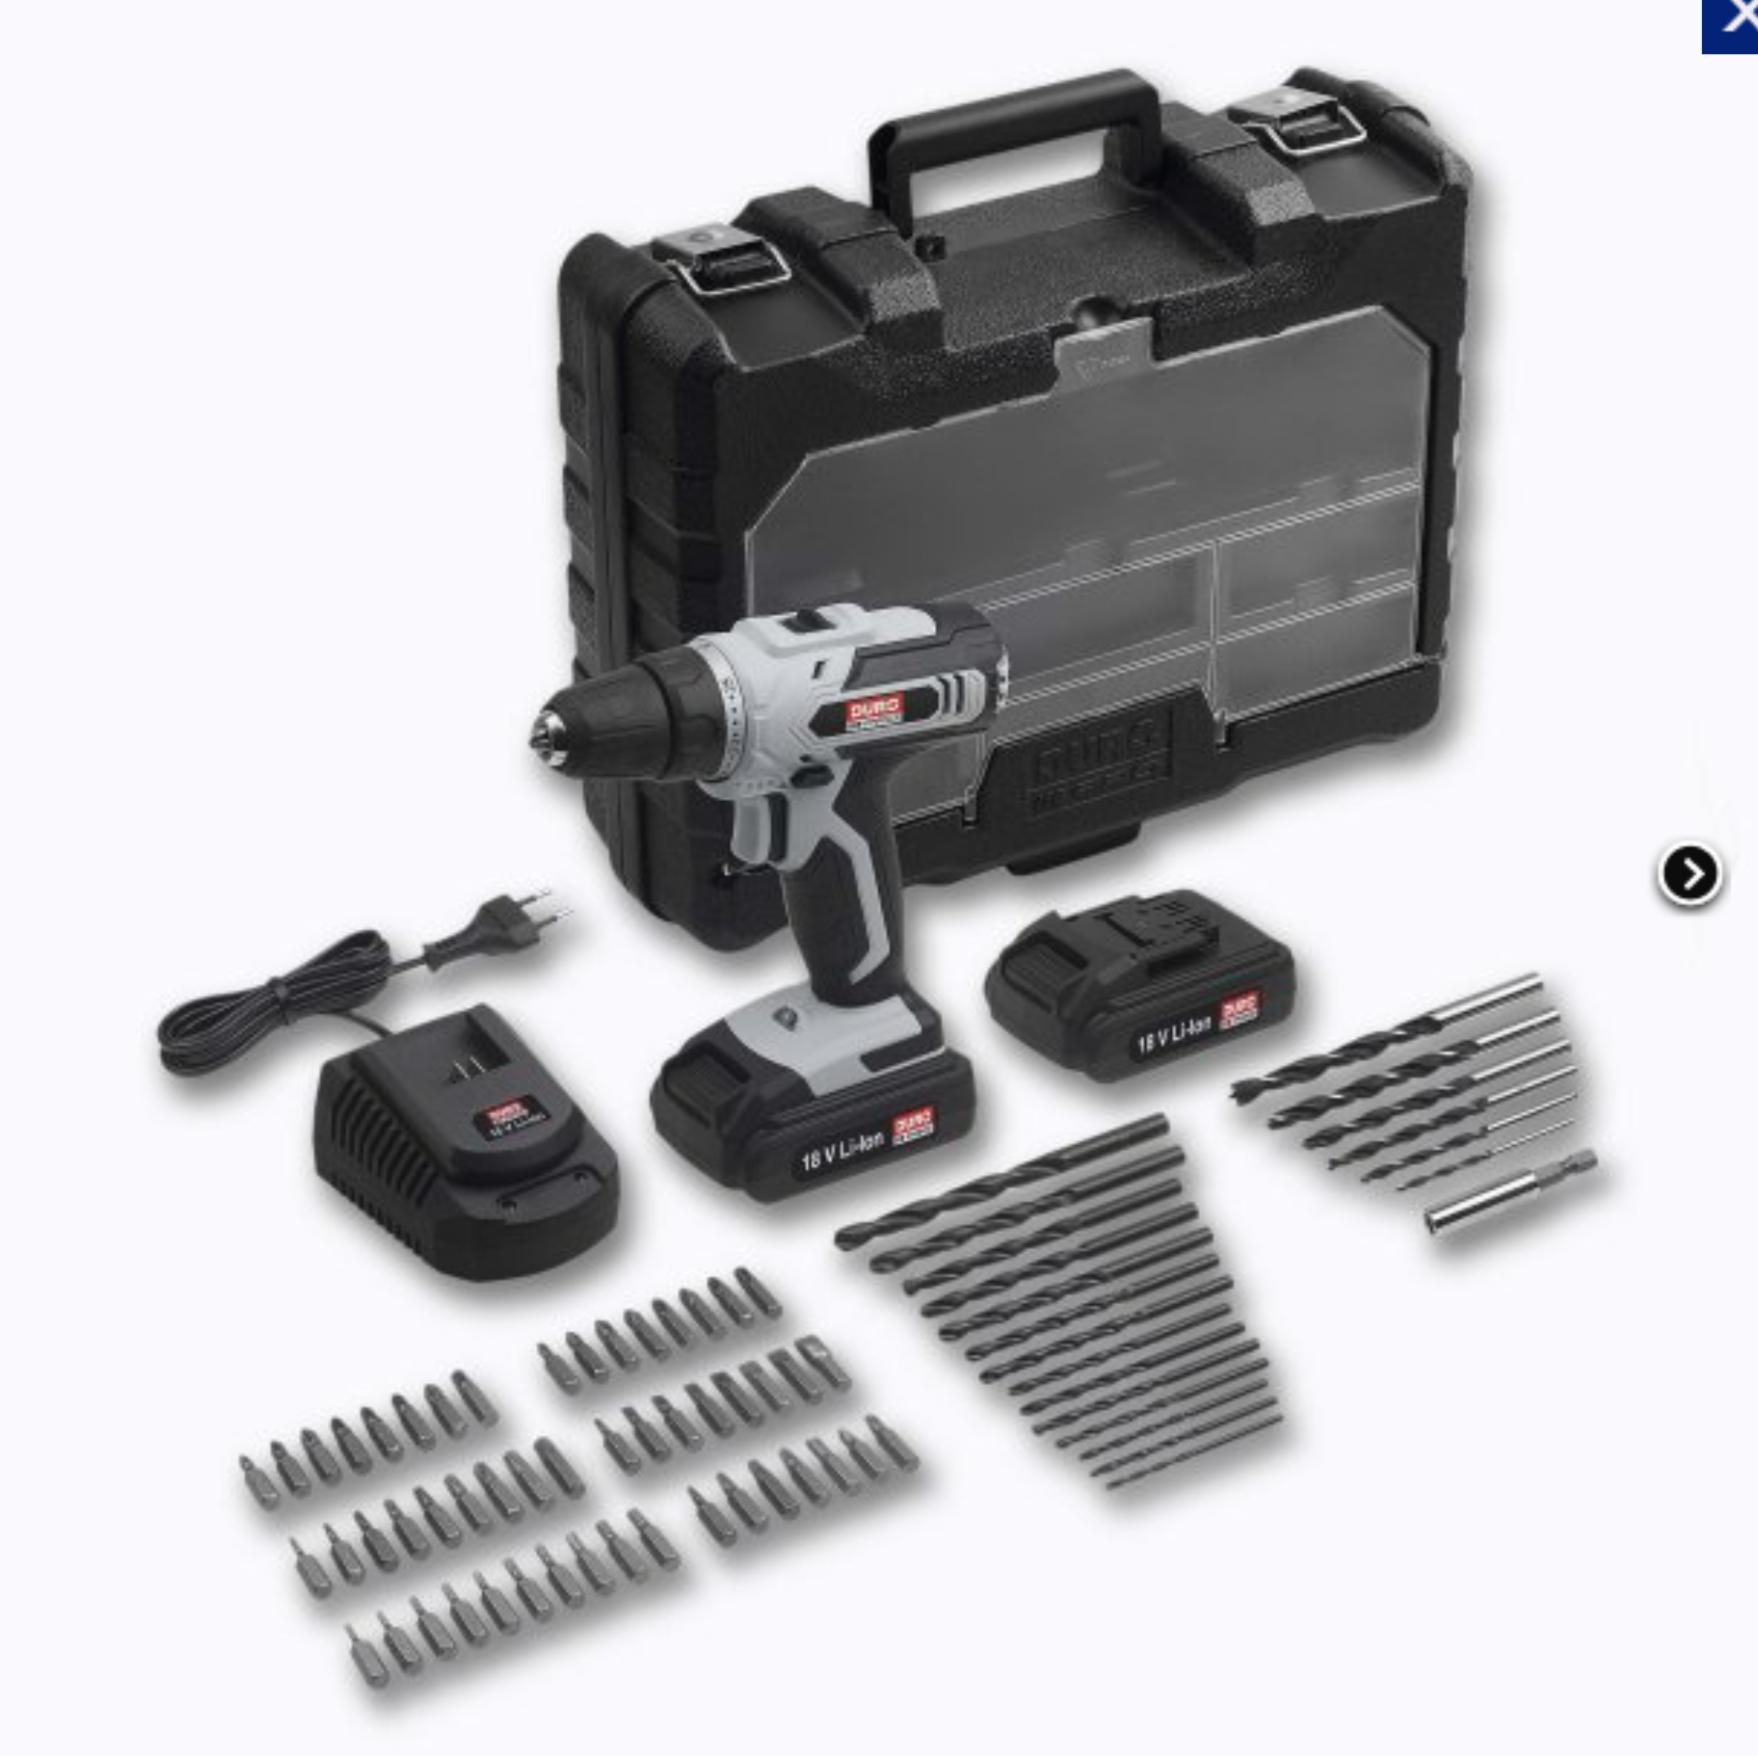 Coffret Perceuse sans fil 18V DURO - 2 Batteries 2.0 Ah charge rapide + Accessoires